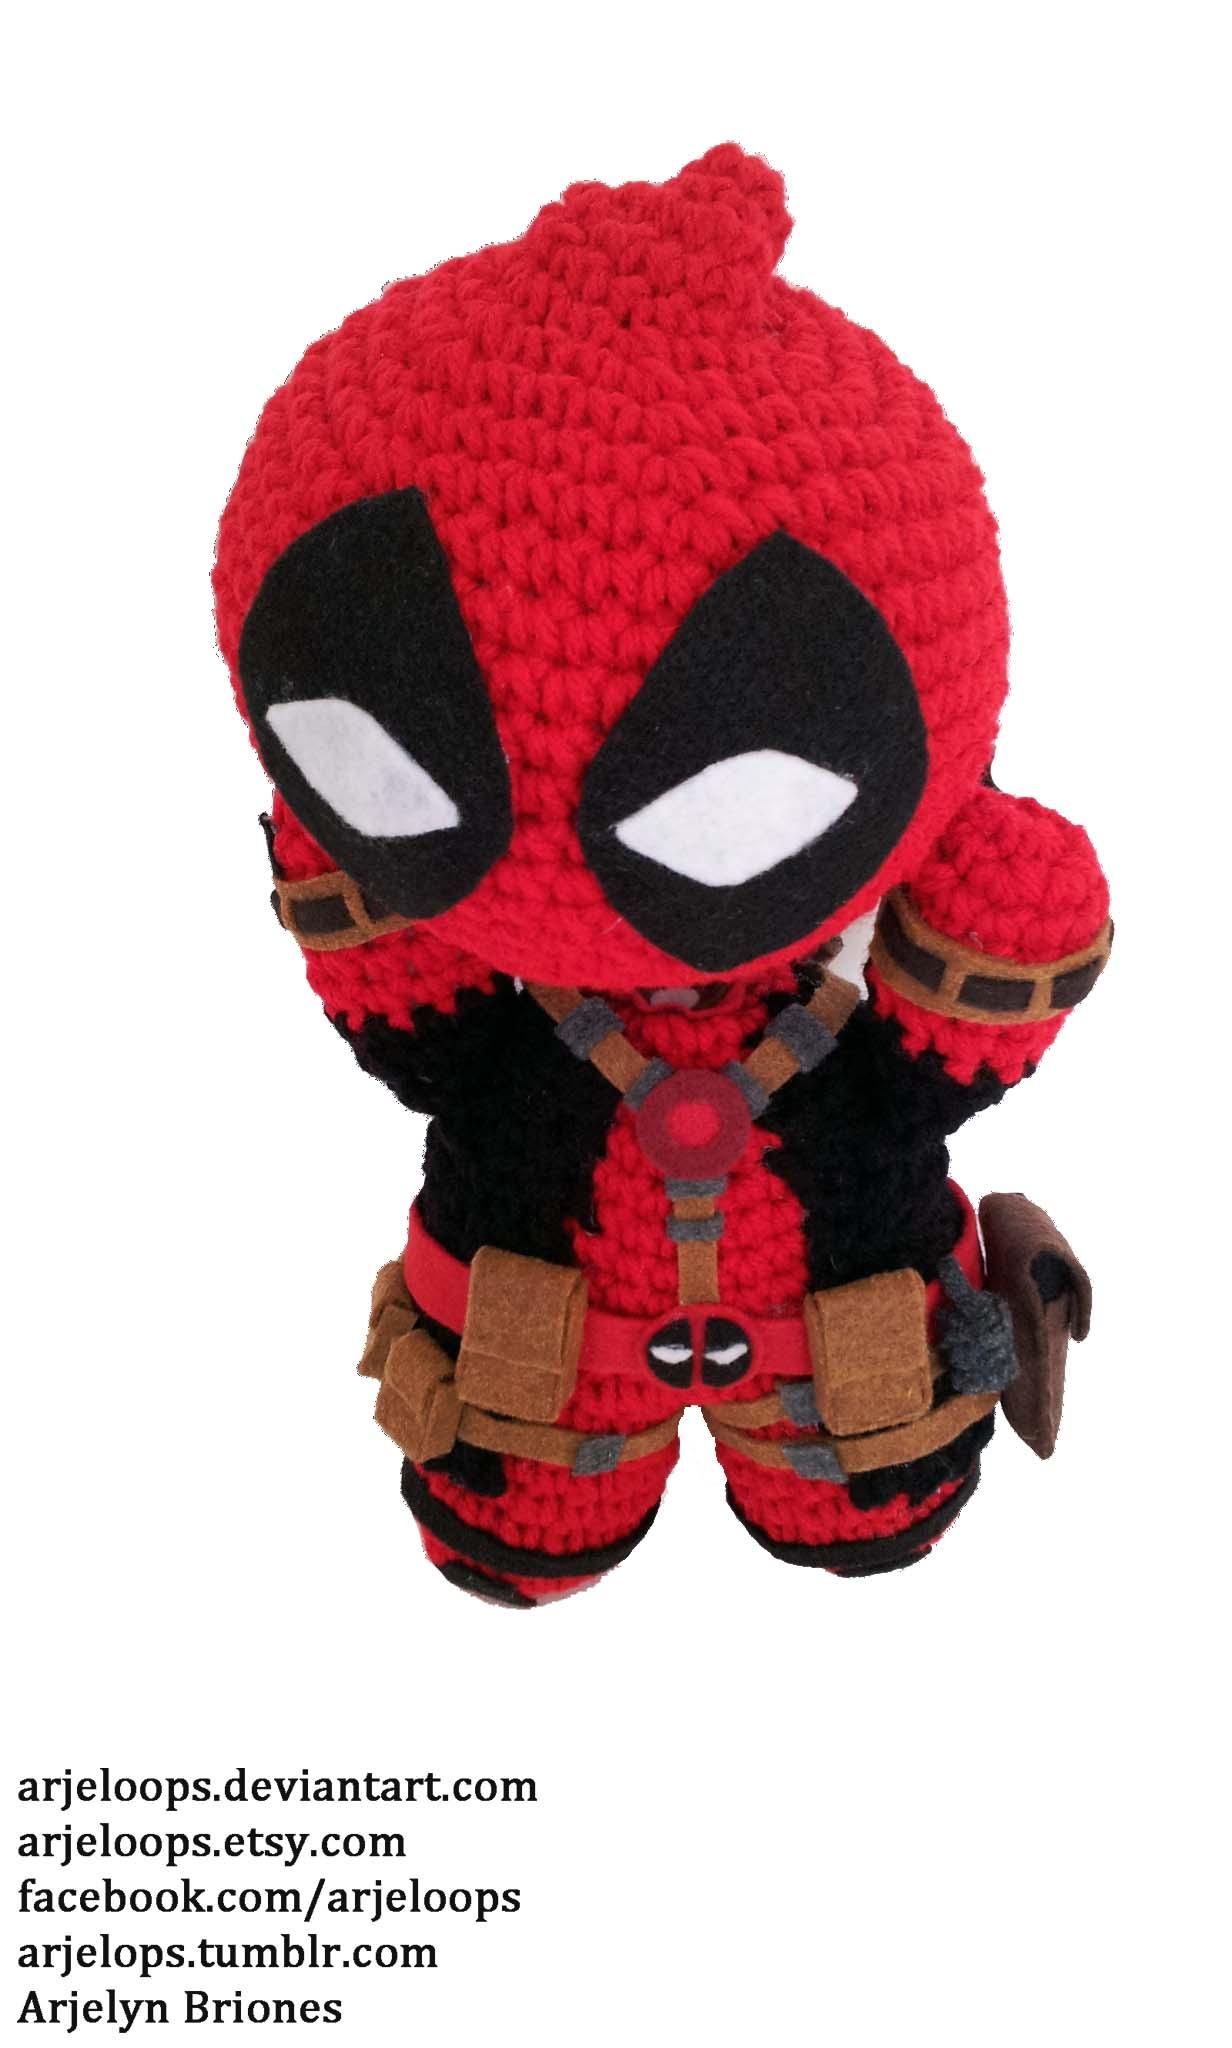 Crochet Wedding Dress Pattern Doll : Arjeloops Deadpool Crochet Doll by Arjeloops on DeviantArt